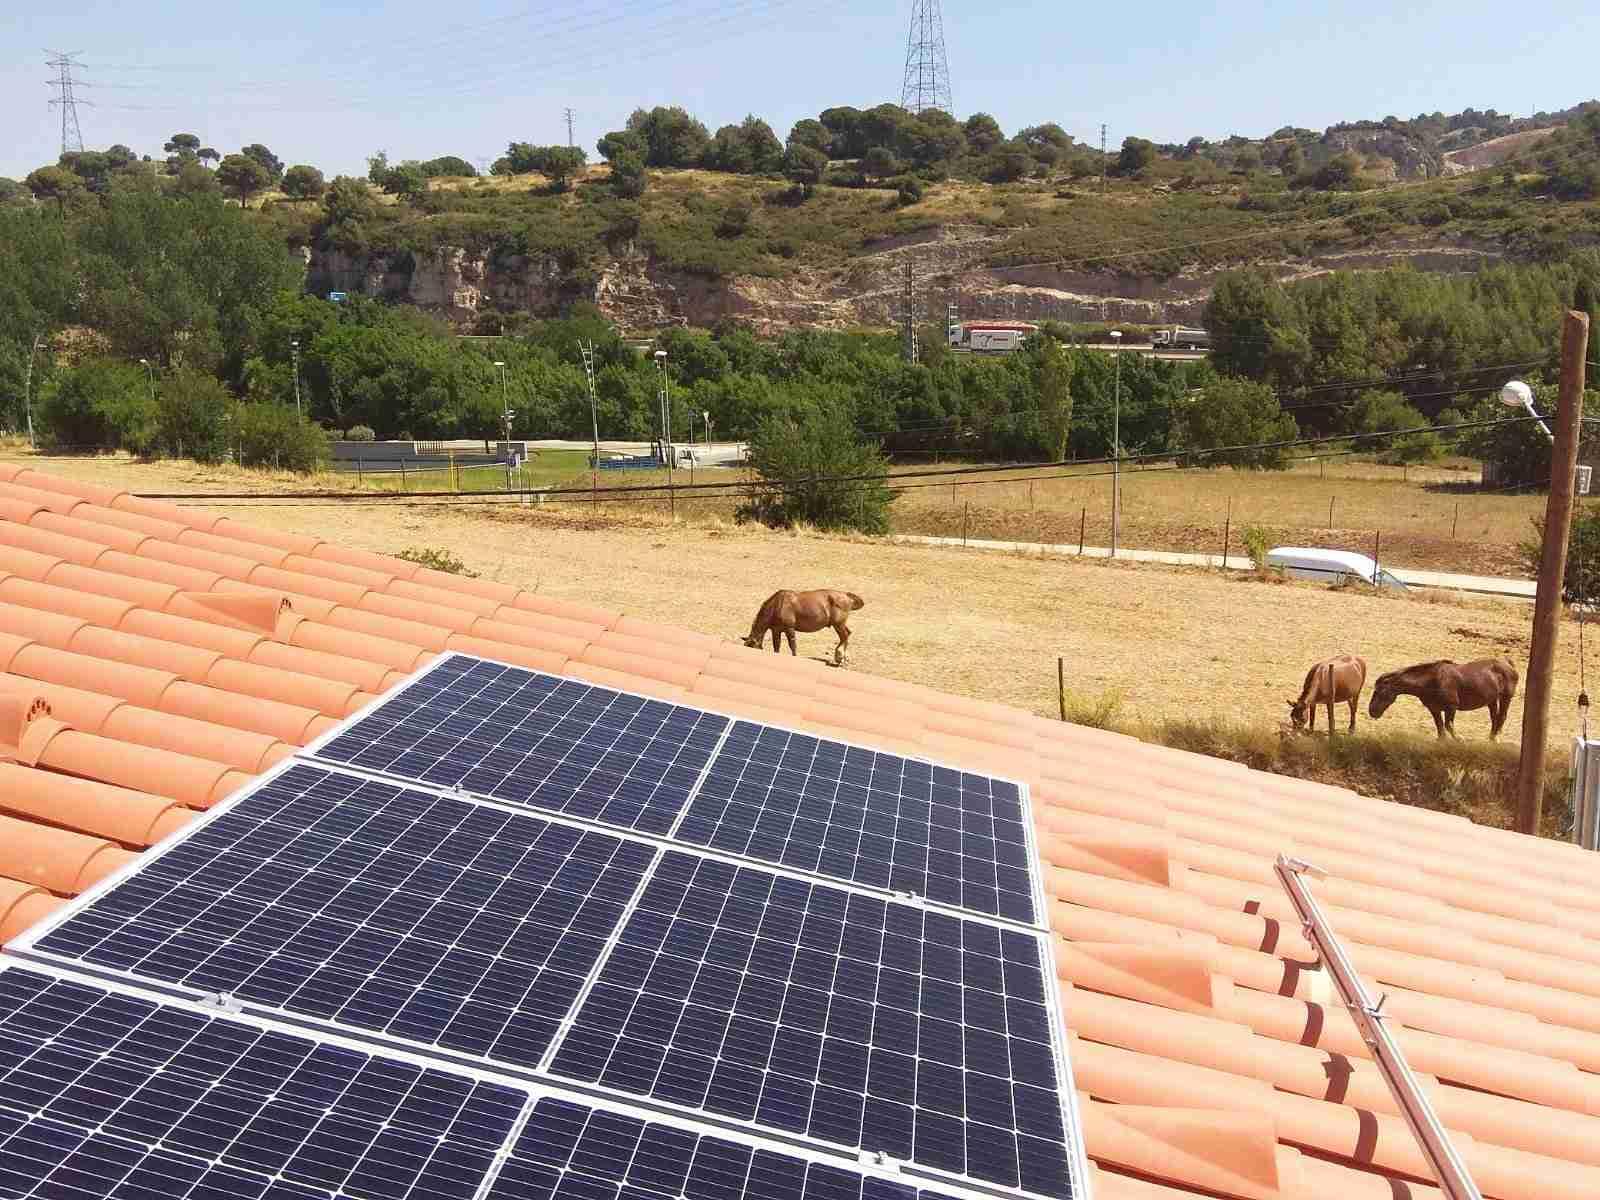 plaques fotovoltaiques, instal·lació solar, energia solar